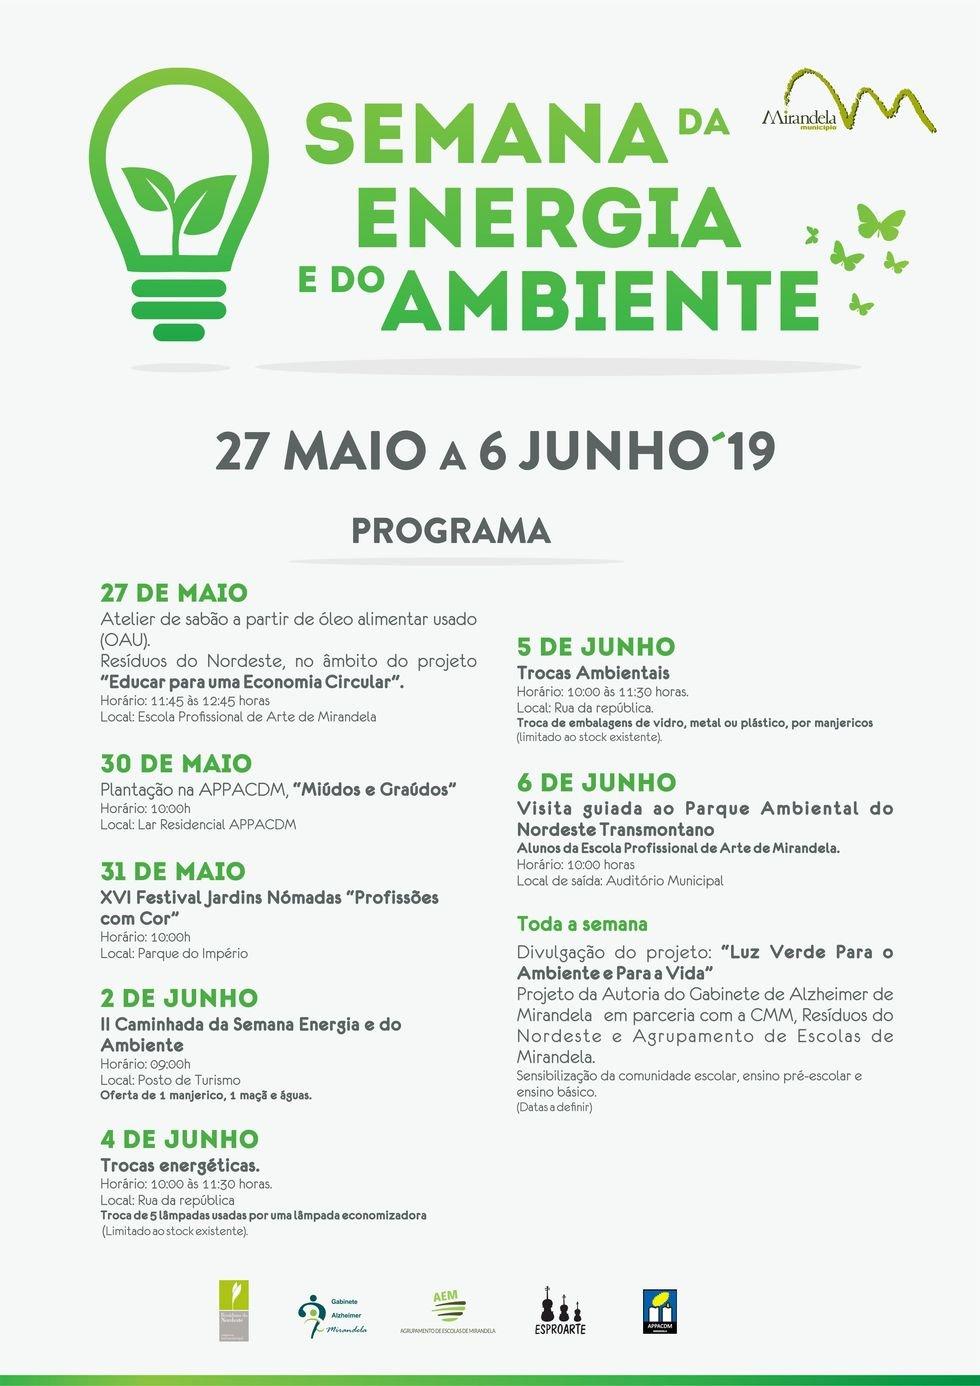 Semana da Energia e do Ambiente 2019